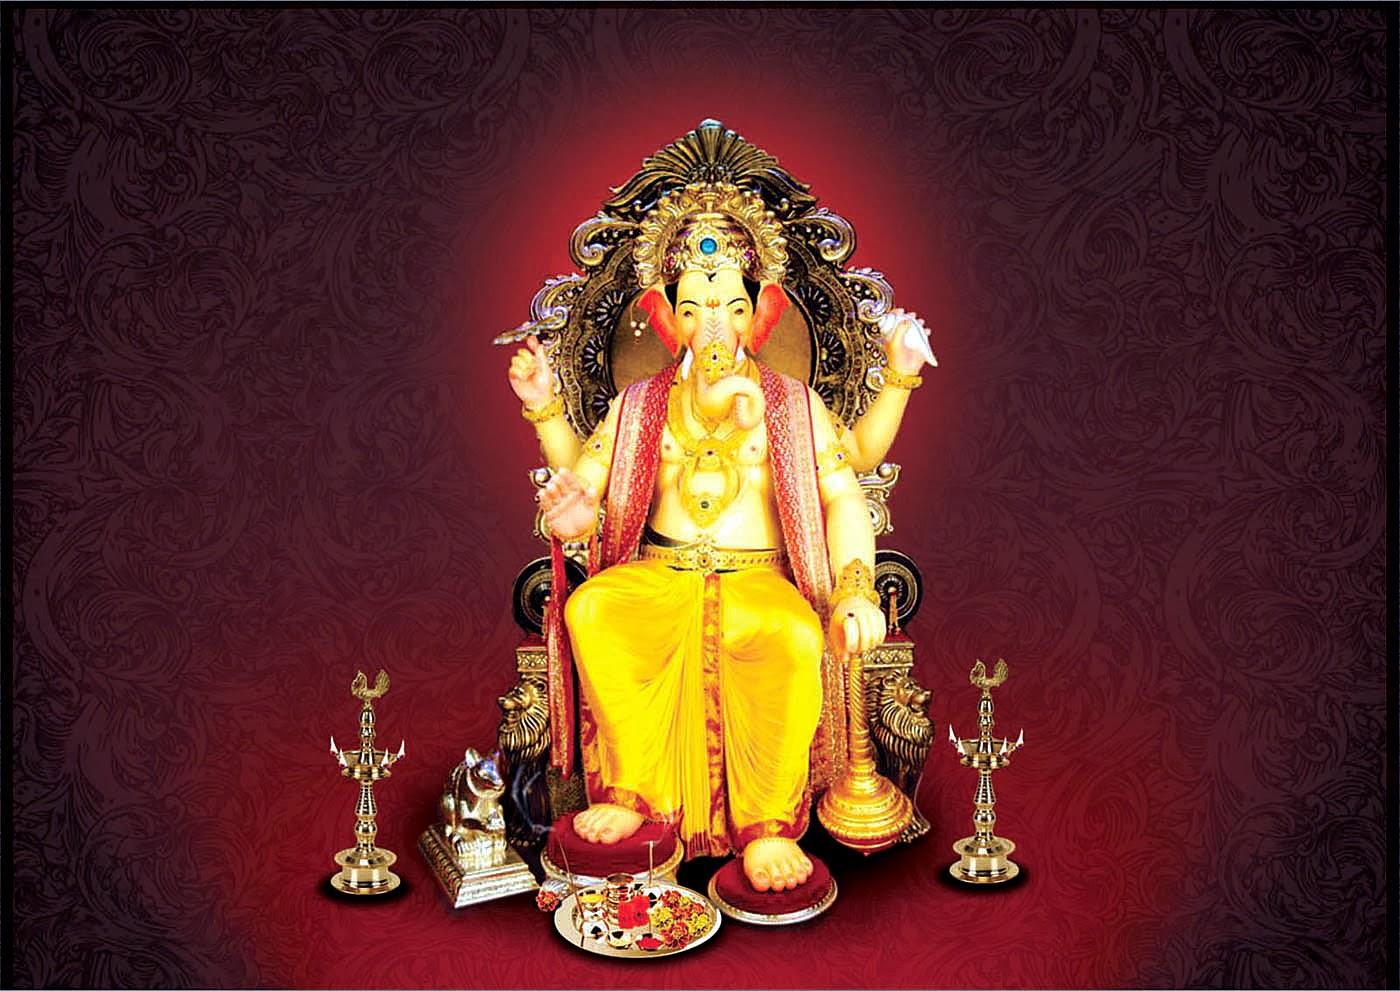 Wallpaper Guru Gobind Singh Ji 3d Lalbaugcha Raja Hindu God Wallpapers Download